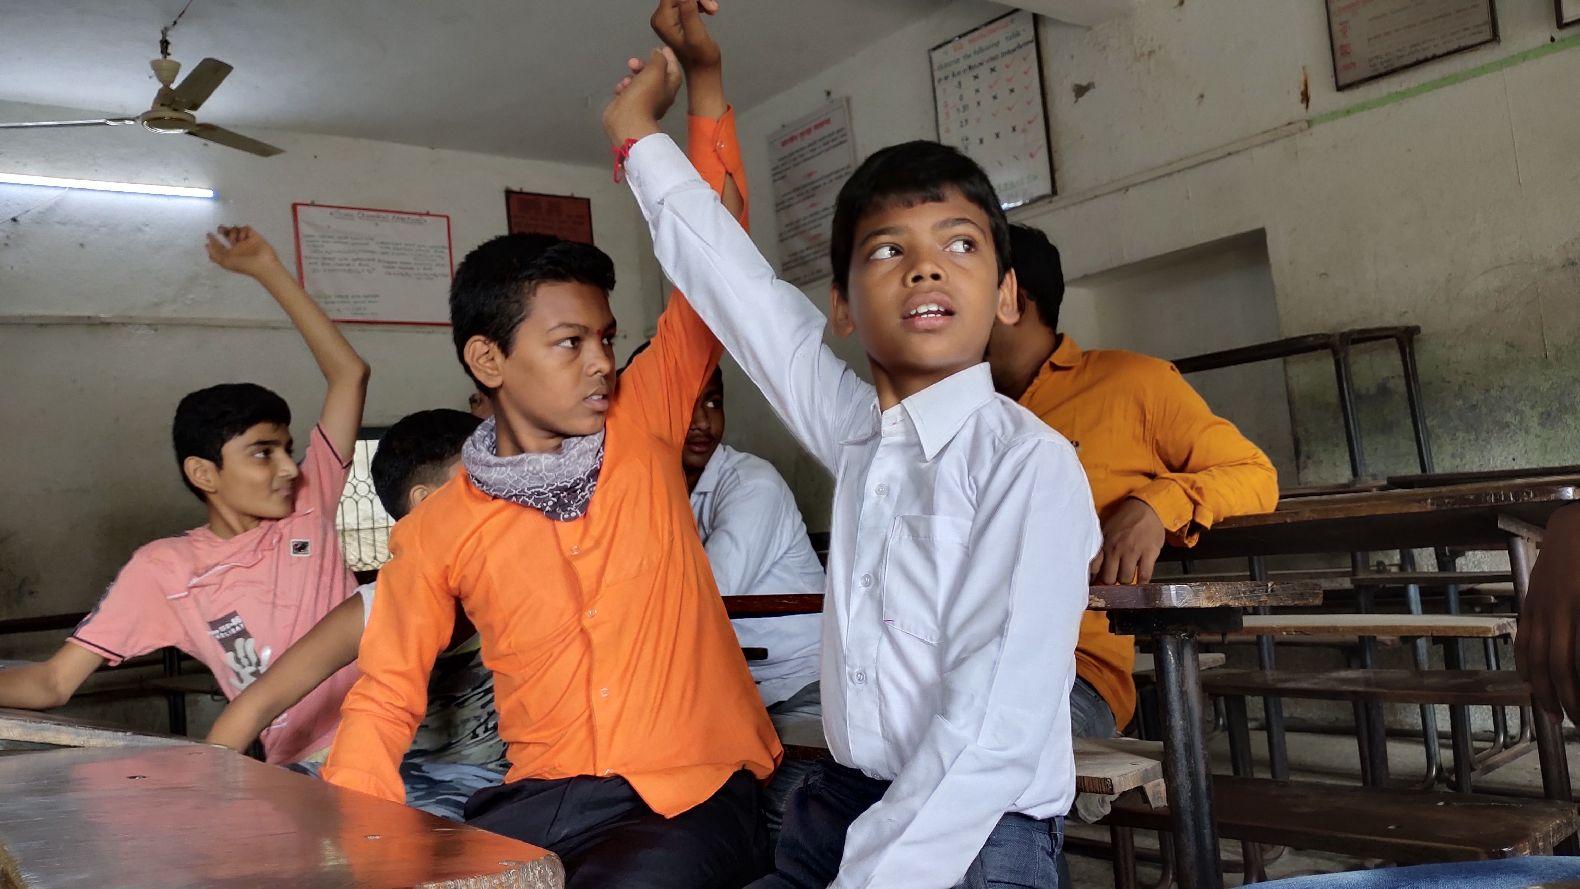 TIMSS ověřuje u devítiletých a třináctiletých dětí, co je základní škola naučila v matematice a přírodovědě. Cyklu 2019 se účastnilo 58 zemí a 6 srovnávacích regionů pro 4. ročníky a 39 zemí a 7 srovnávacích účastníků pro 8. ročníky.